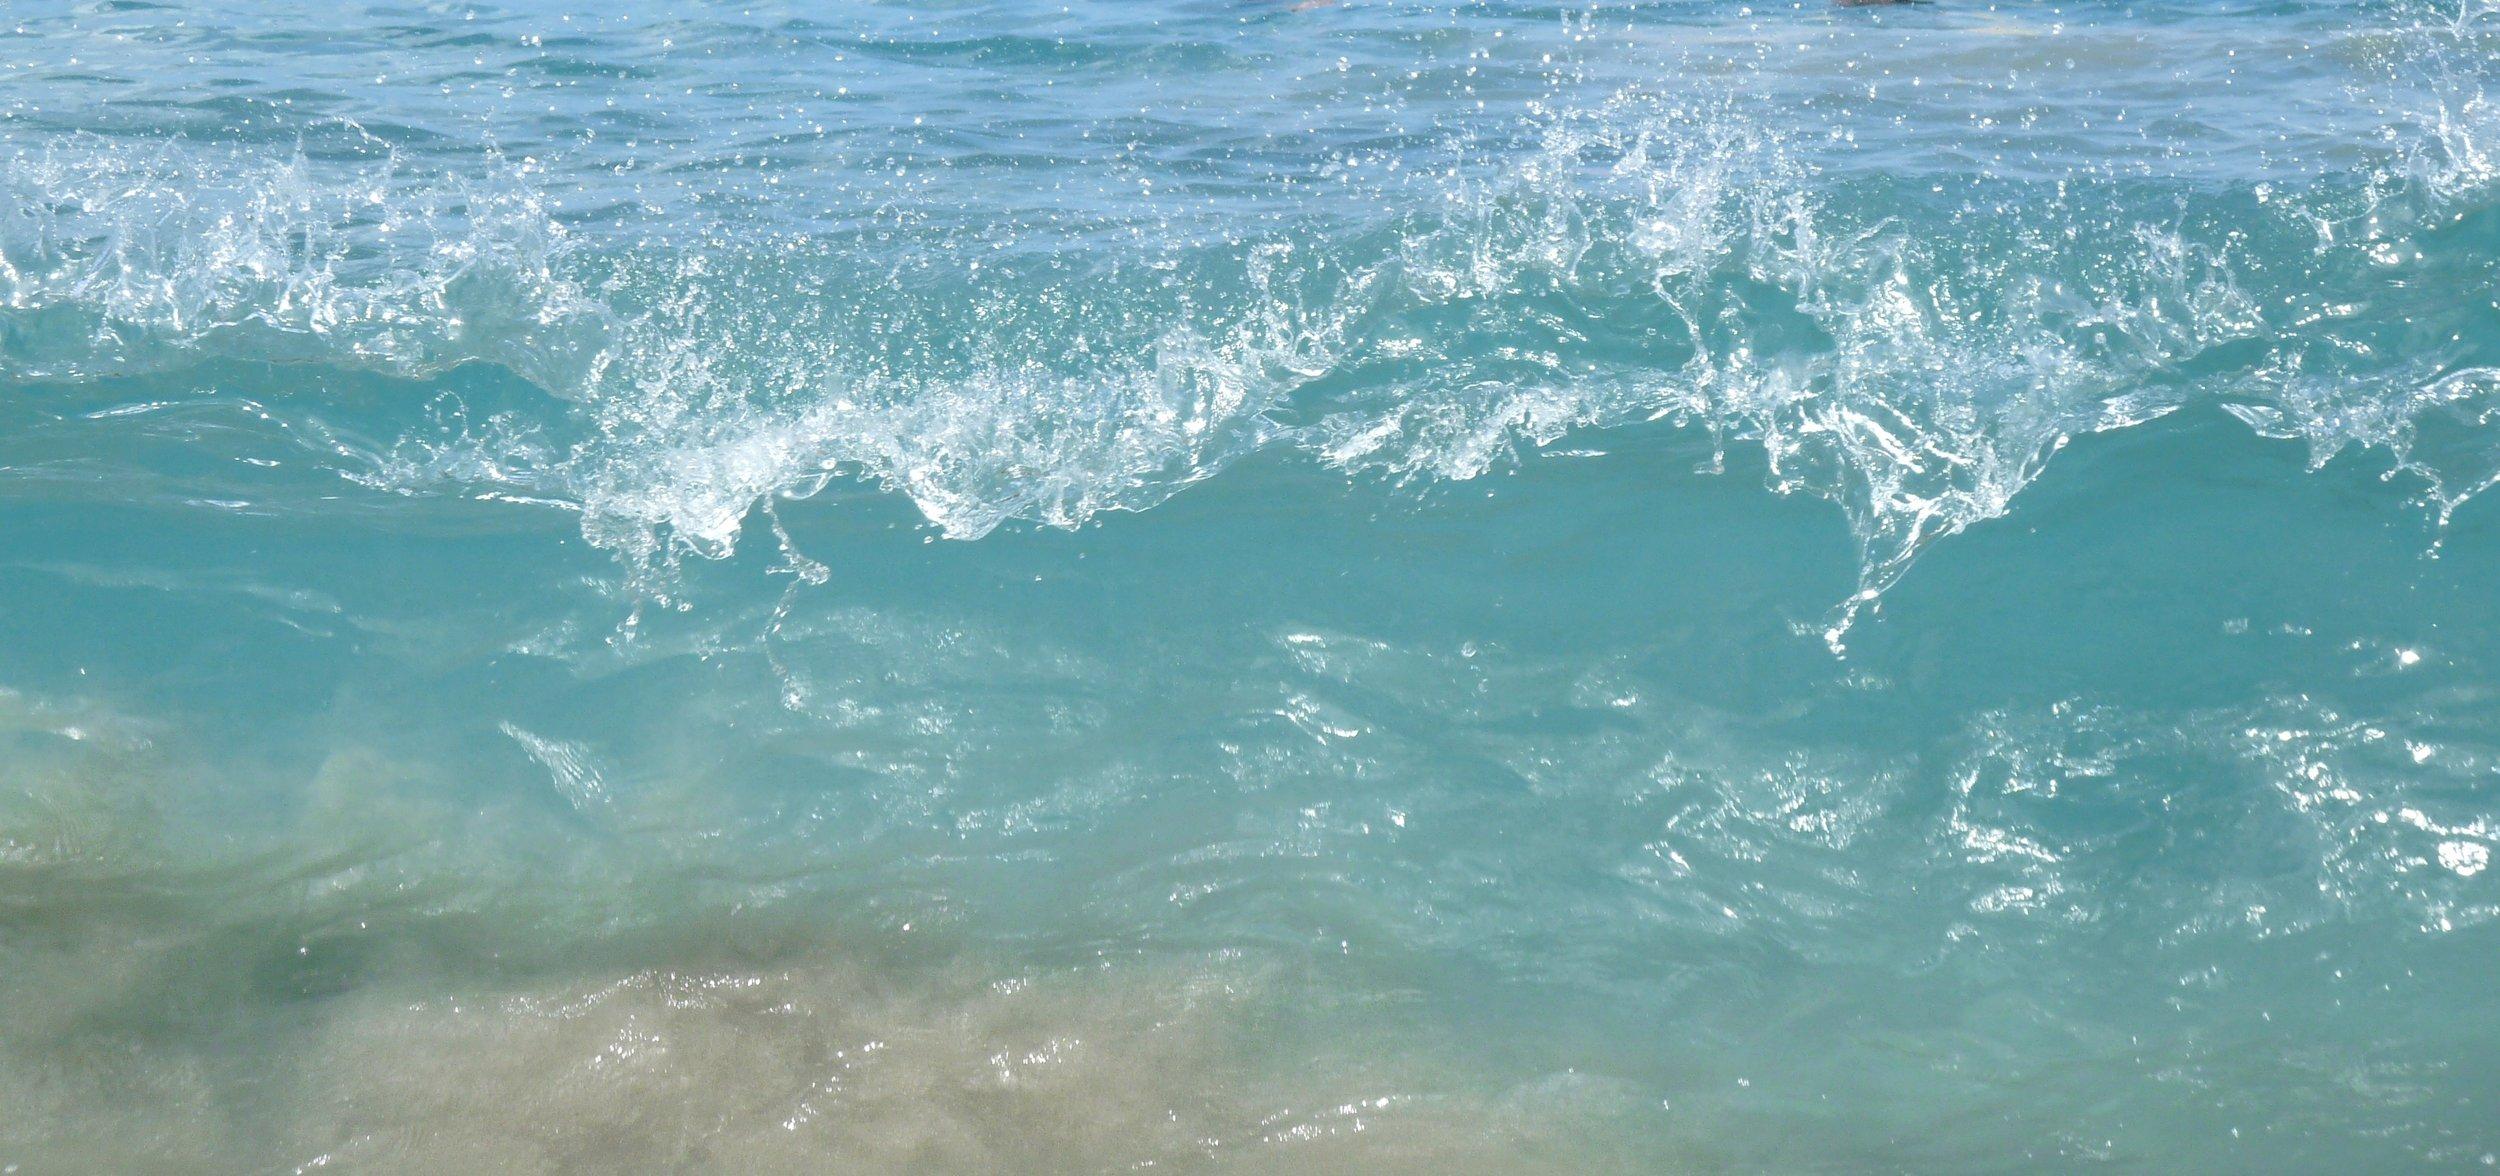 ocean-352150 (2).jpg